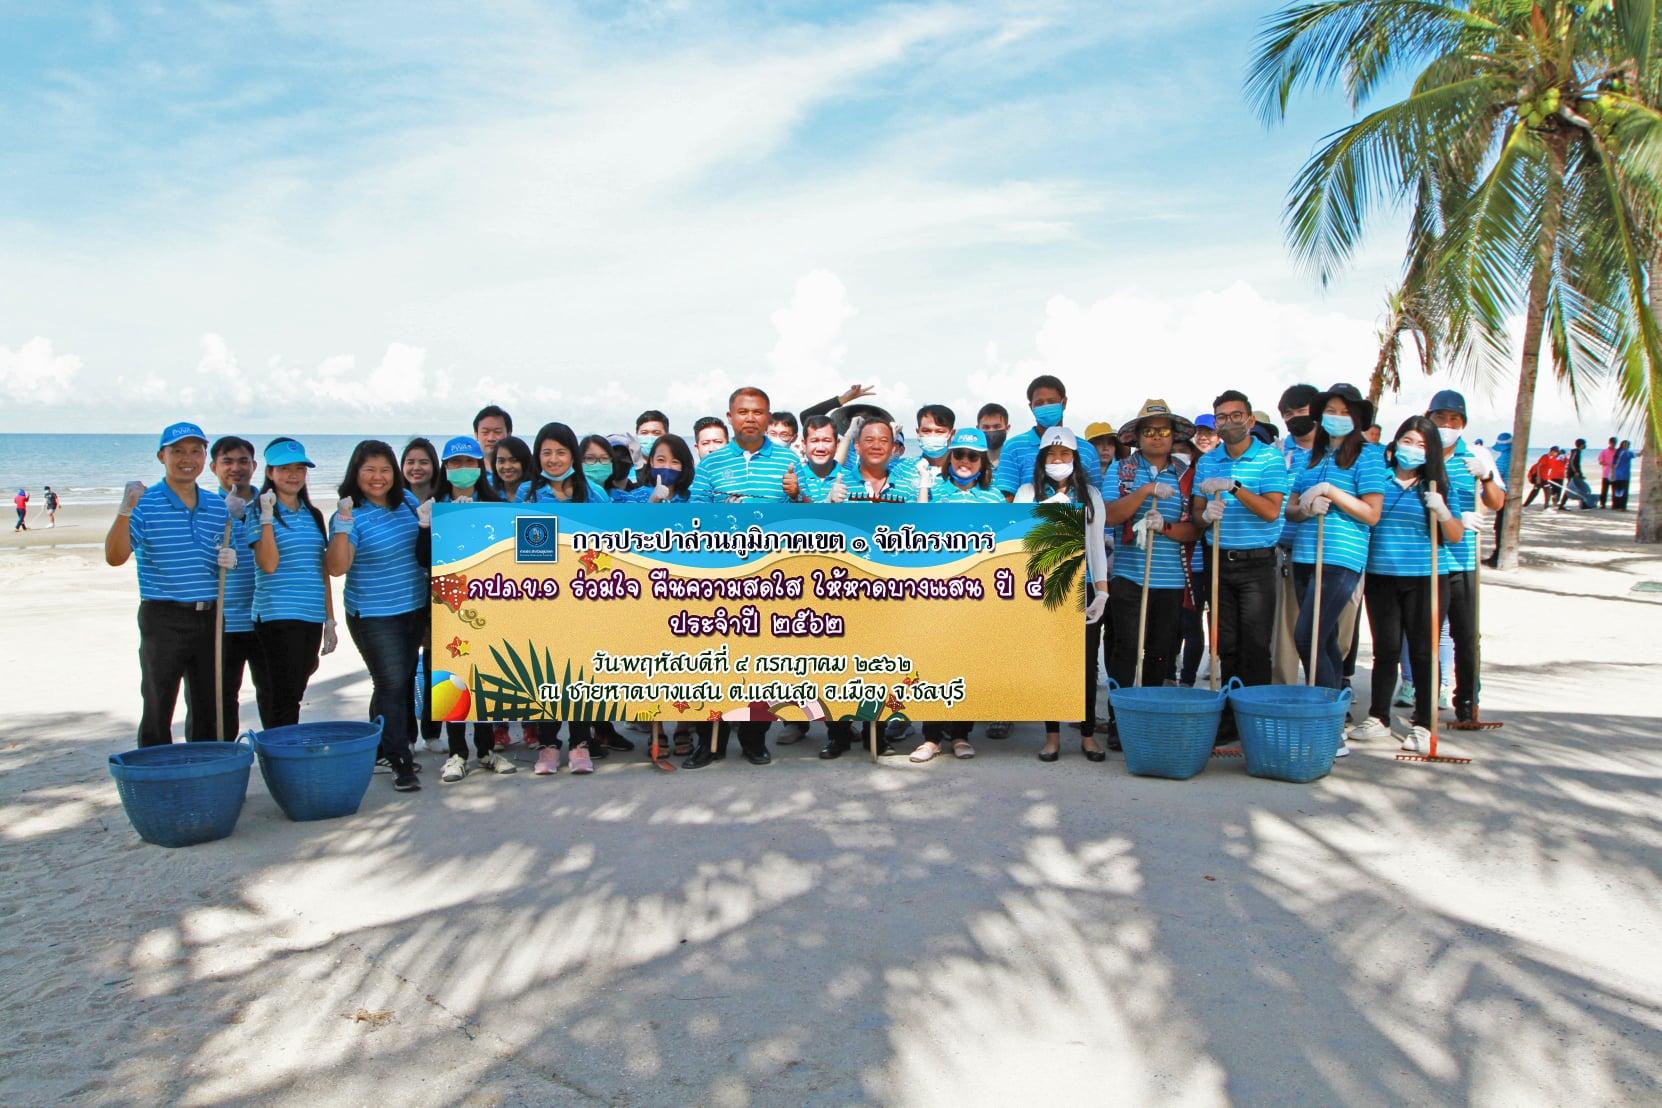 กปภ.เขต ๑ จัดกิจกรรม CSR เก็บขยะชายหาดบางแสน จ.ชลบุรี